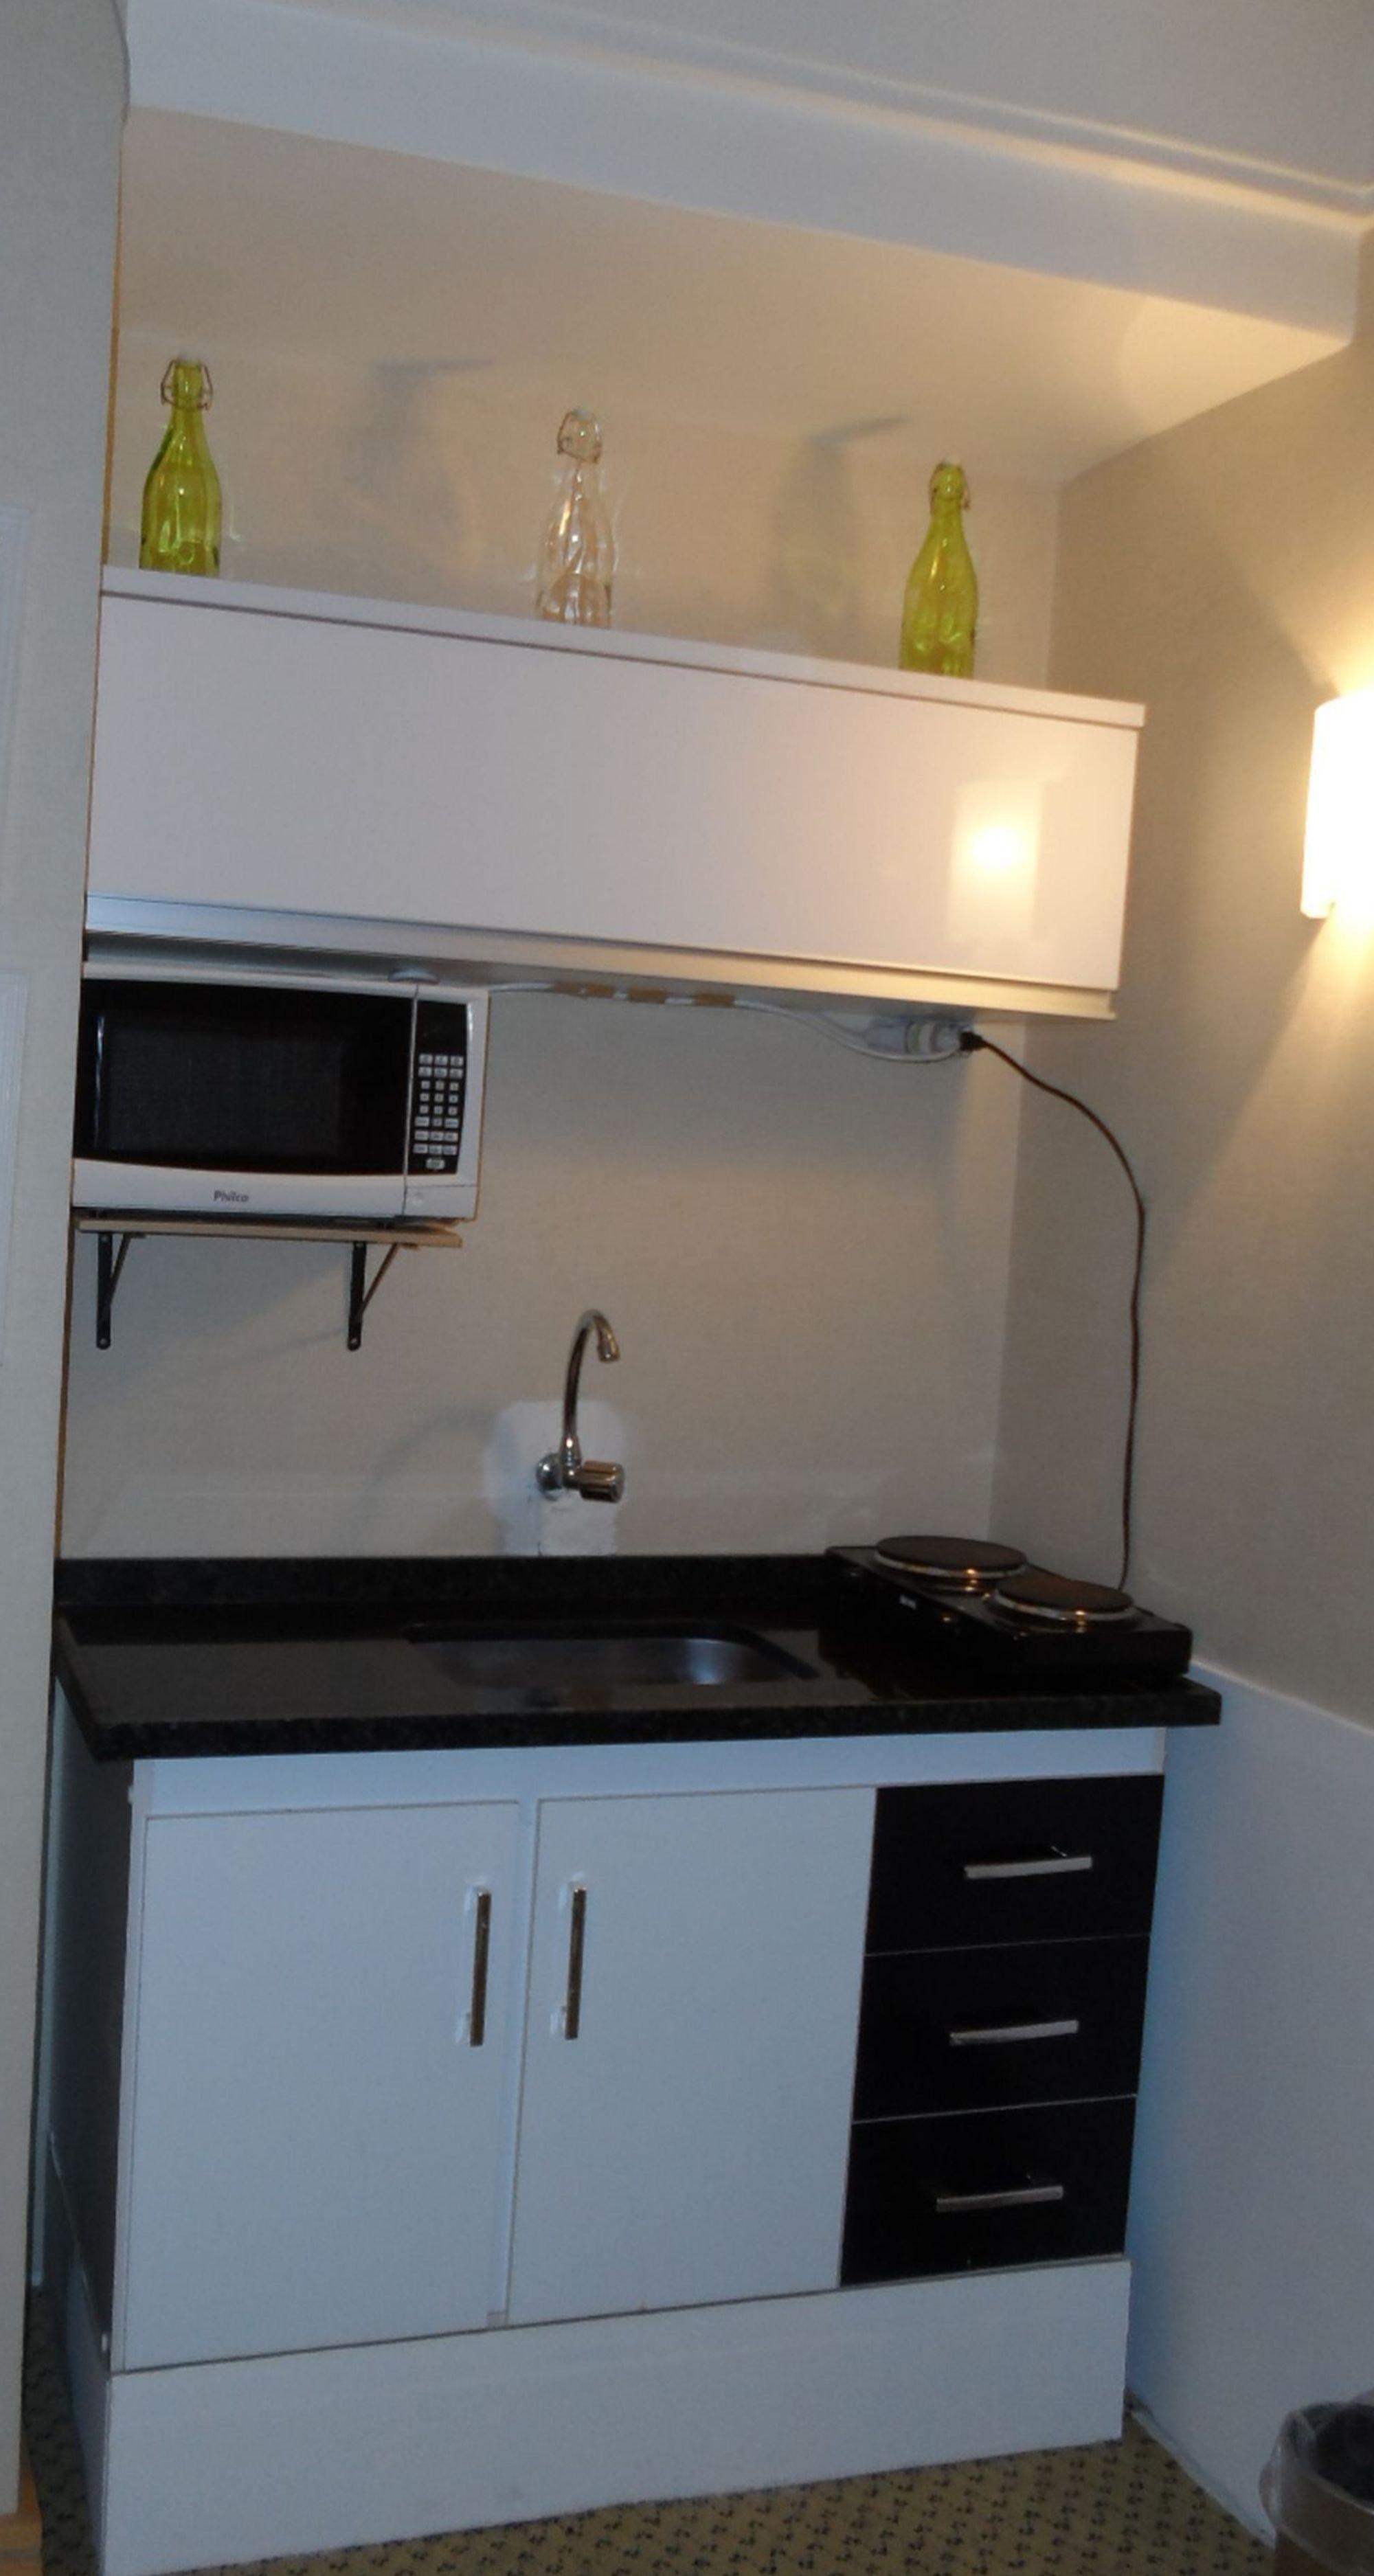 Foto de Cozinha com vaso, garrafa, pia, microondas